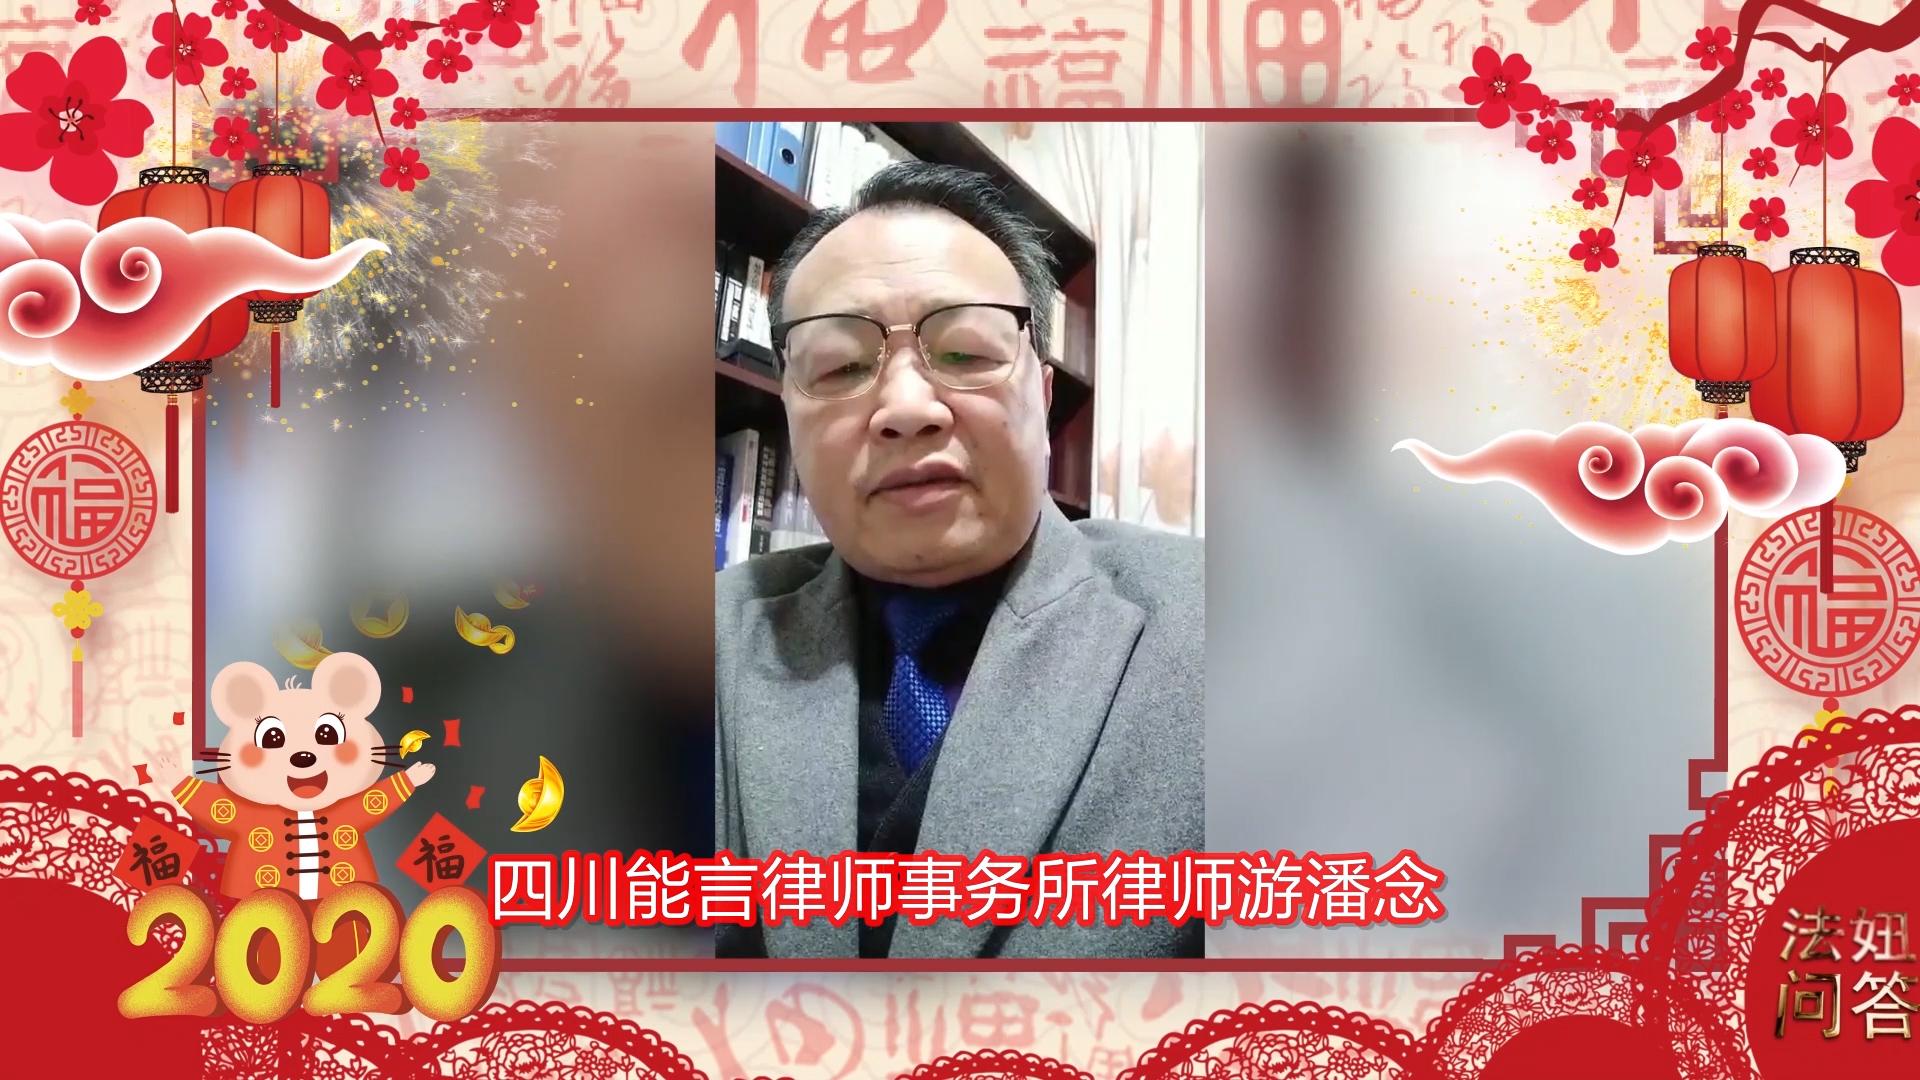 游潘念律师拜年视频